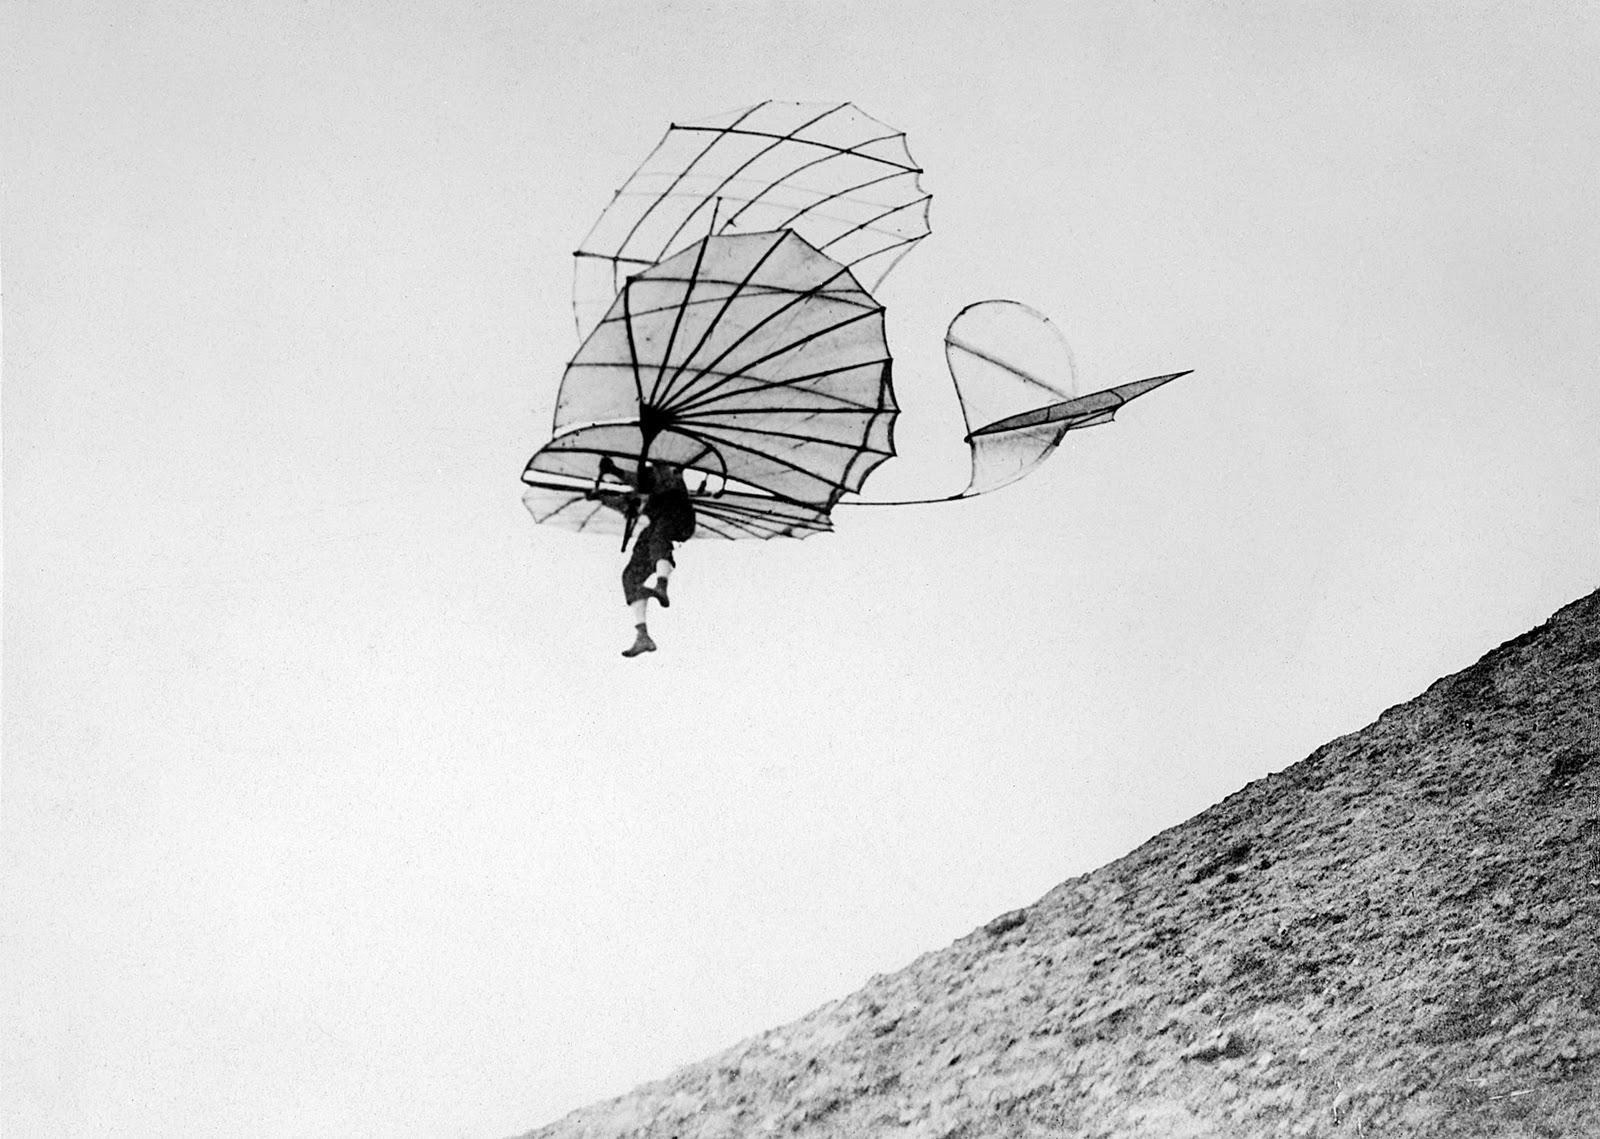 Otto Lilienthal Glider